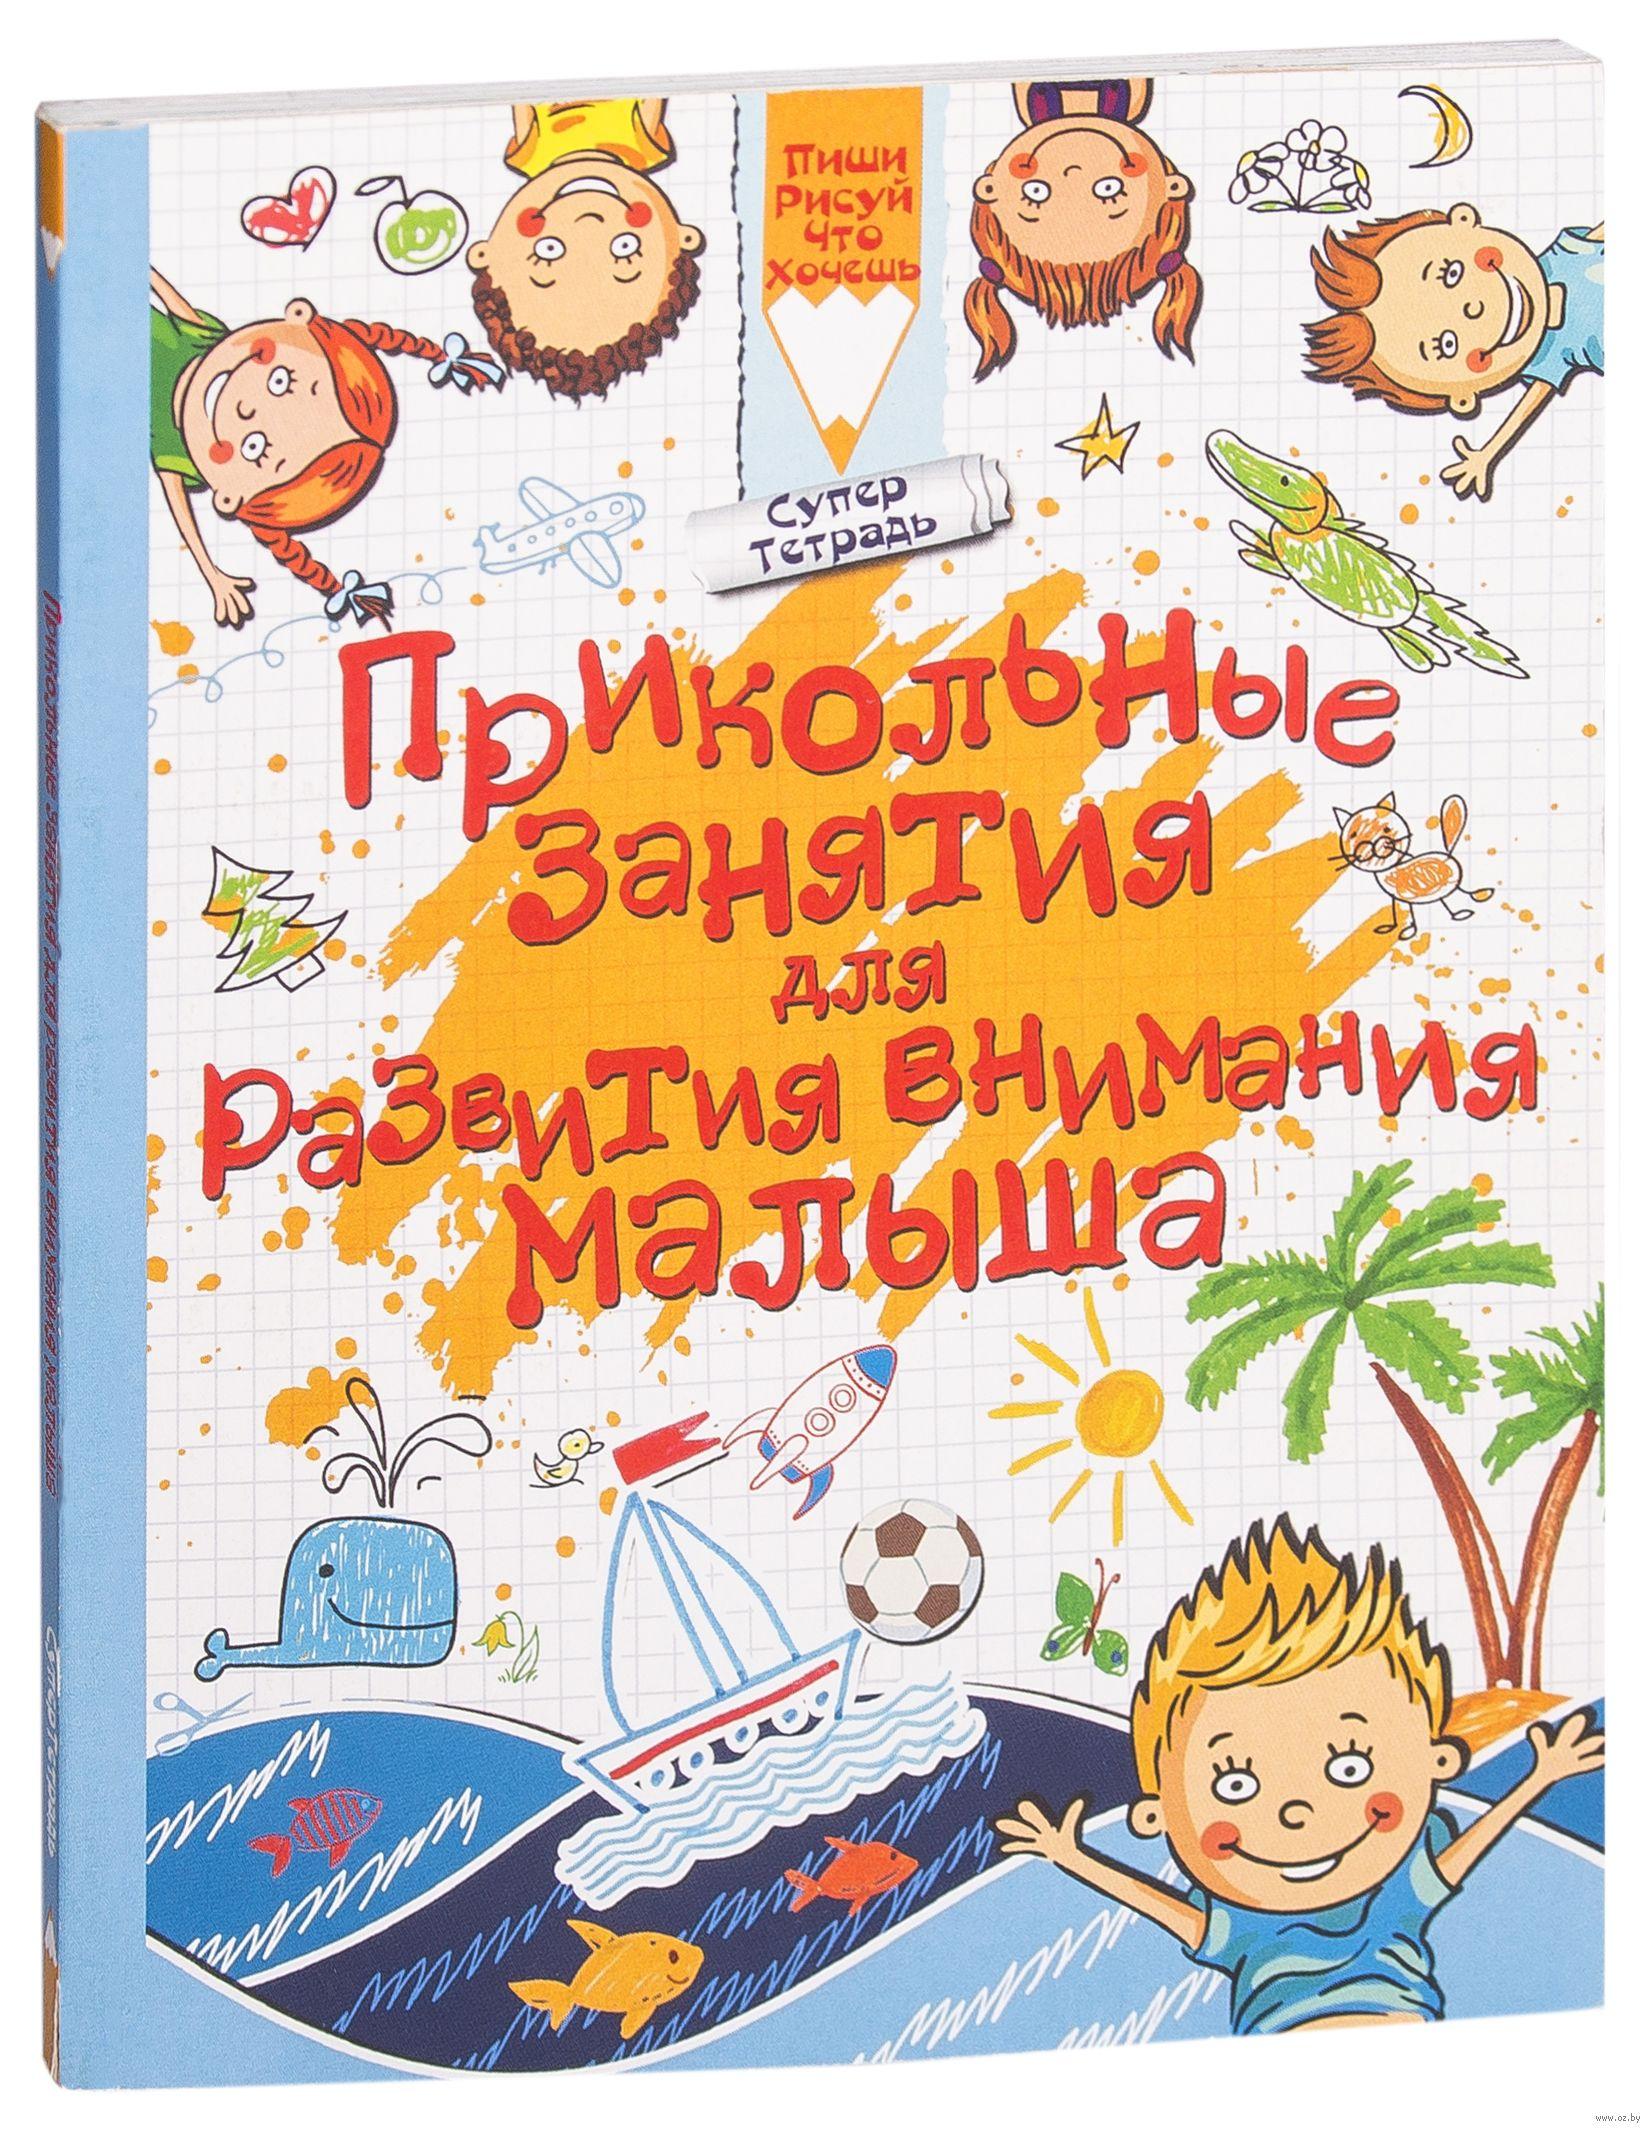 Прикольные занятия для развития внимания малыша» Людмила Доманская ... d616c6e5c2a